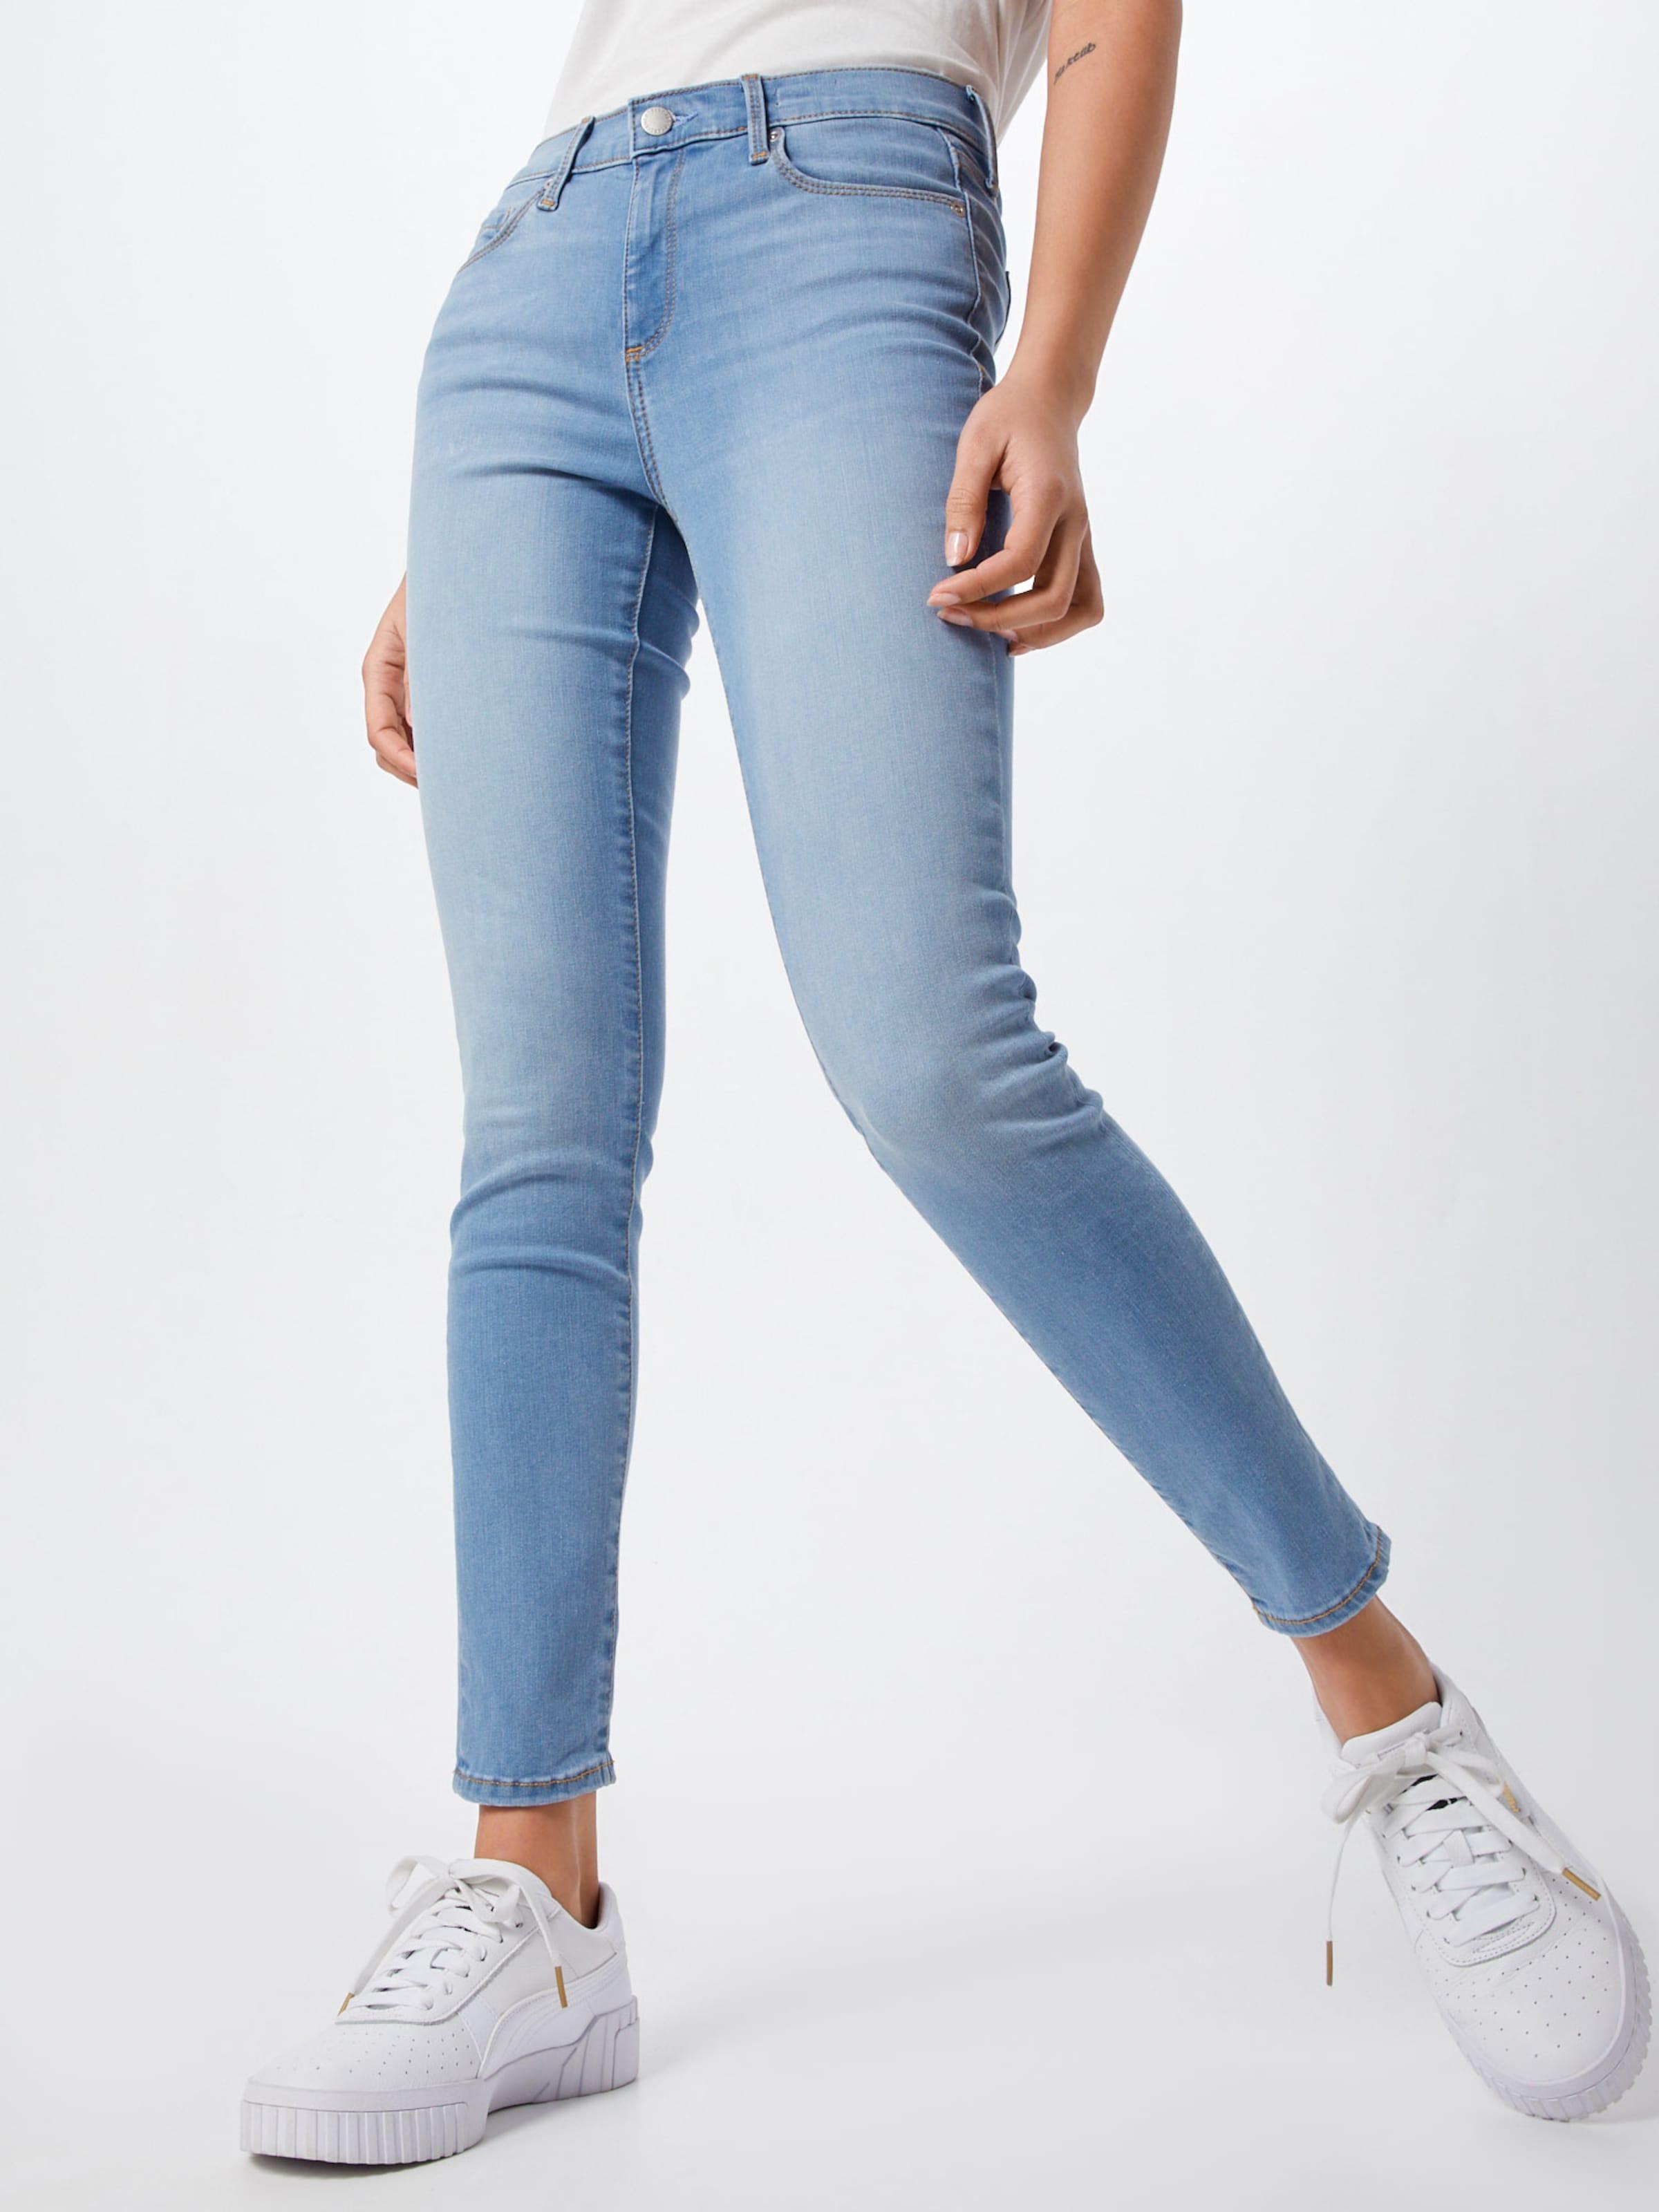 Lt Tr Skinny Sophia' Gap Jeans Indigo 'sculpt In Tl1JcKF3